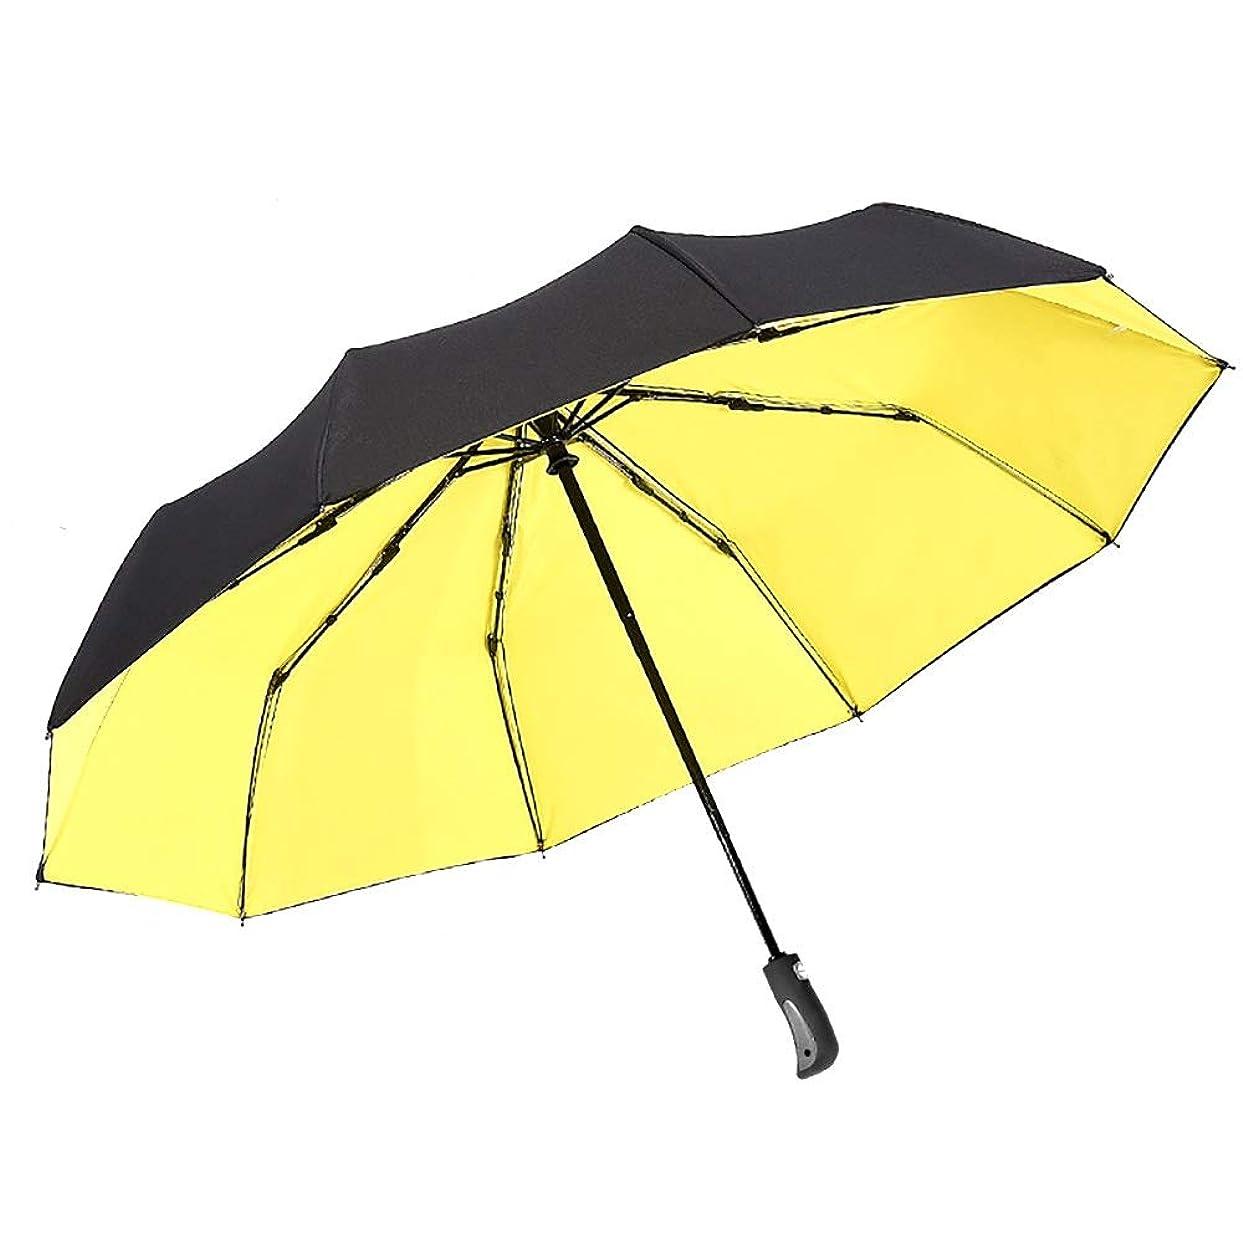 変換する変換するフルーツLWSJP 折りたたみ傘 レディース 日傘 肌守り SPF 50 コンパクト 軽量 携帯便利 晴雨兼用 自動 (Color : イエロー, Size : フリー)